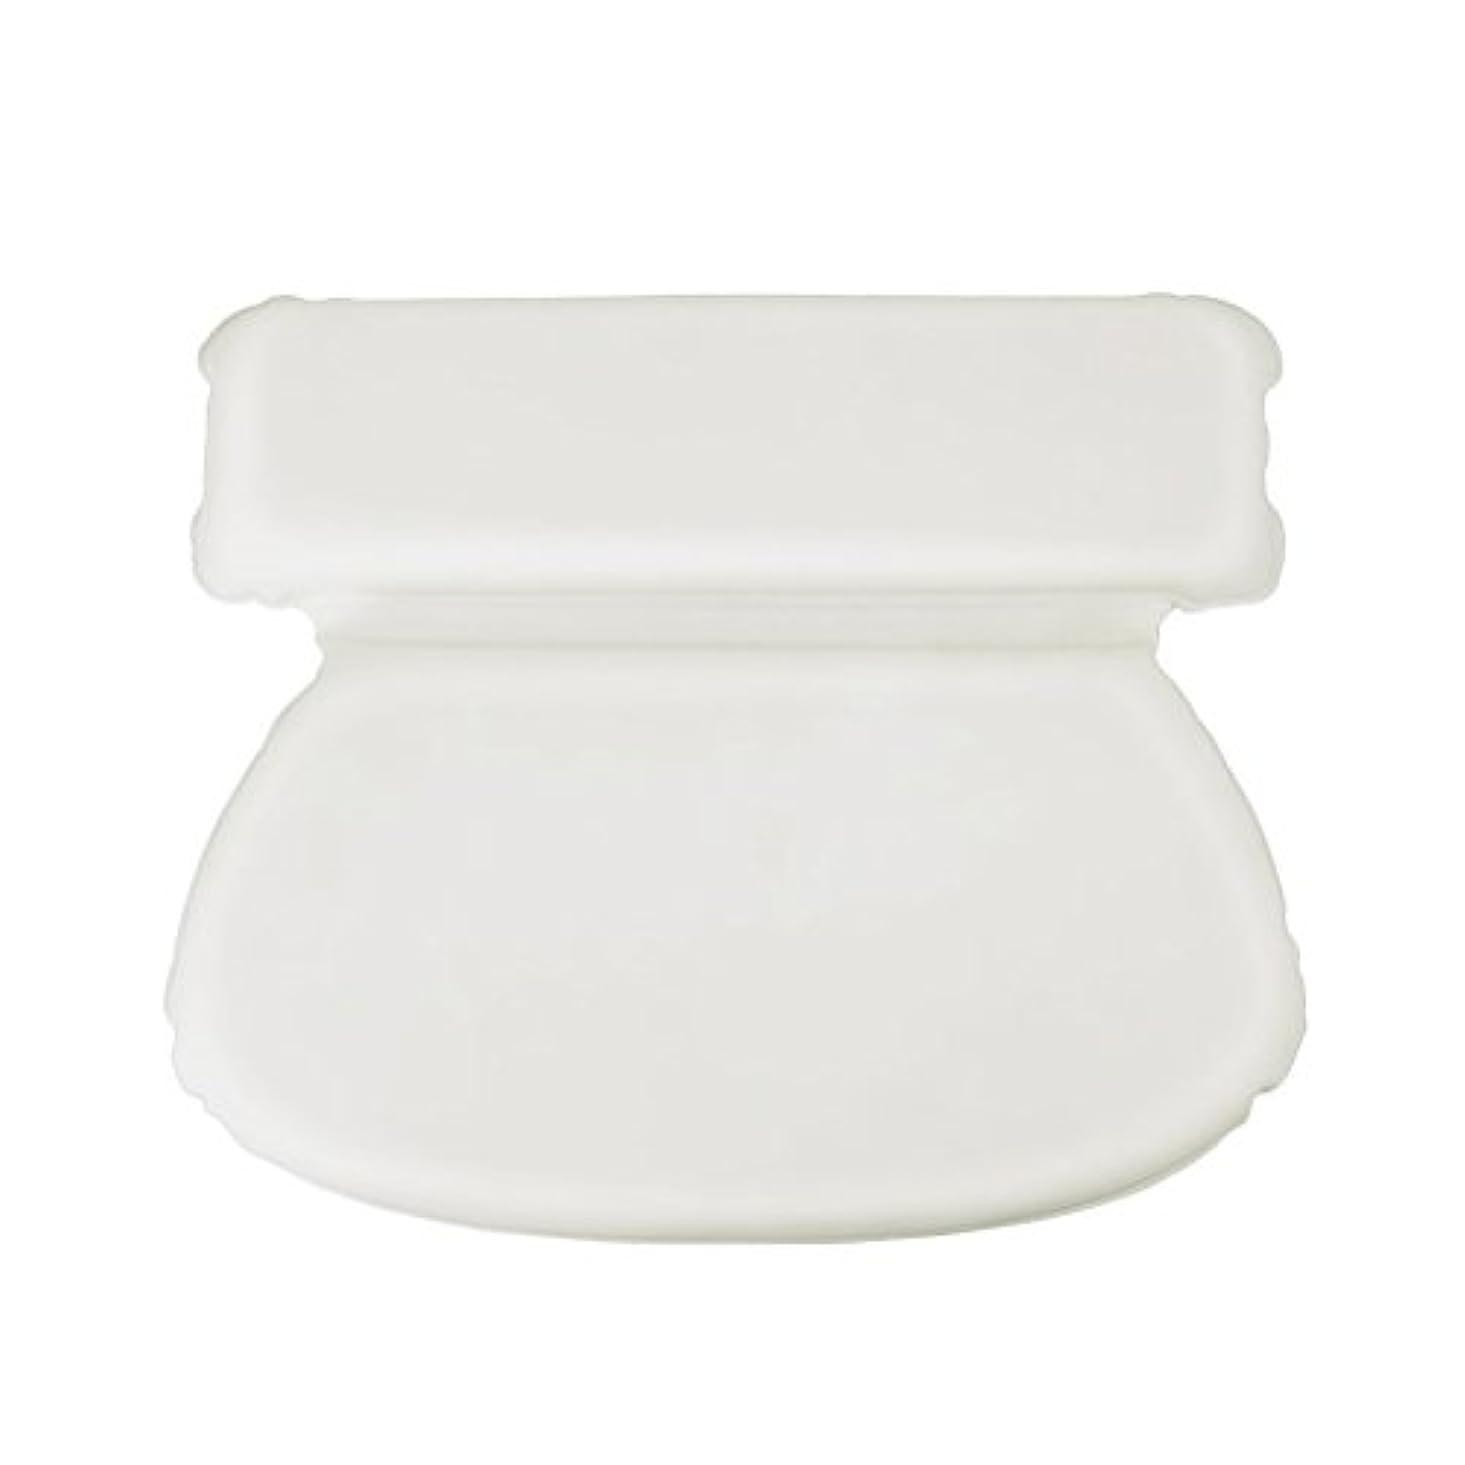 ホールガイド頬Lurrose スポンジ浴槽枕吸引バス枕スパヘッドレストアクセサリー用浴室トイレ